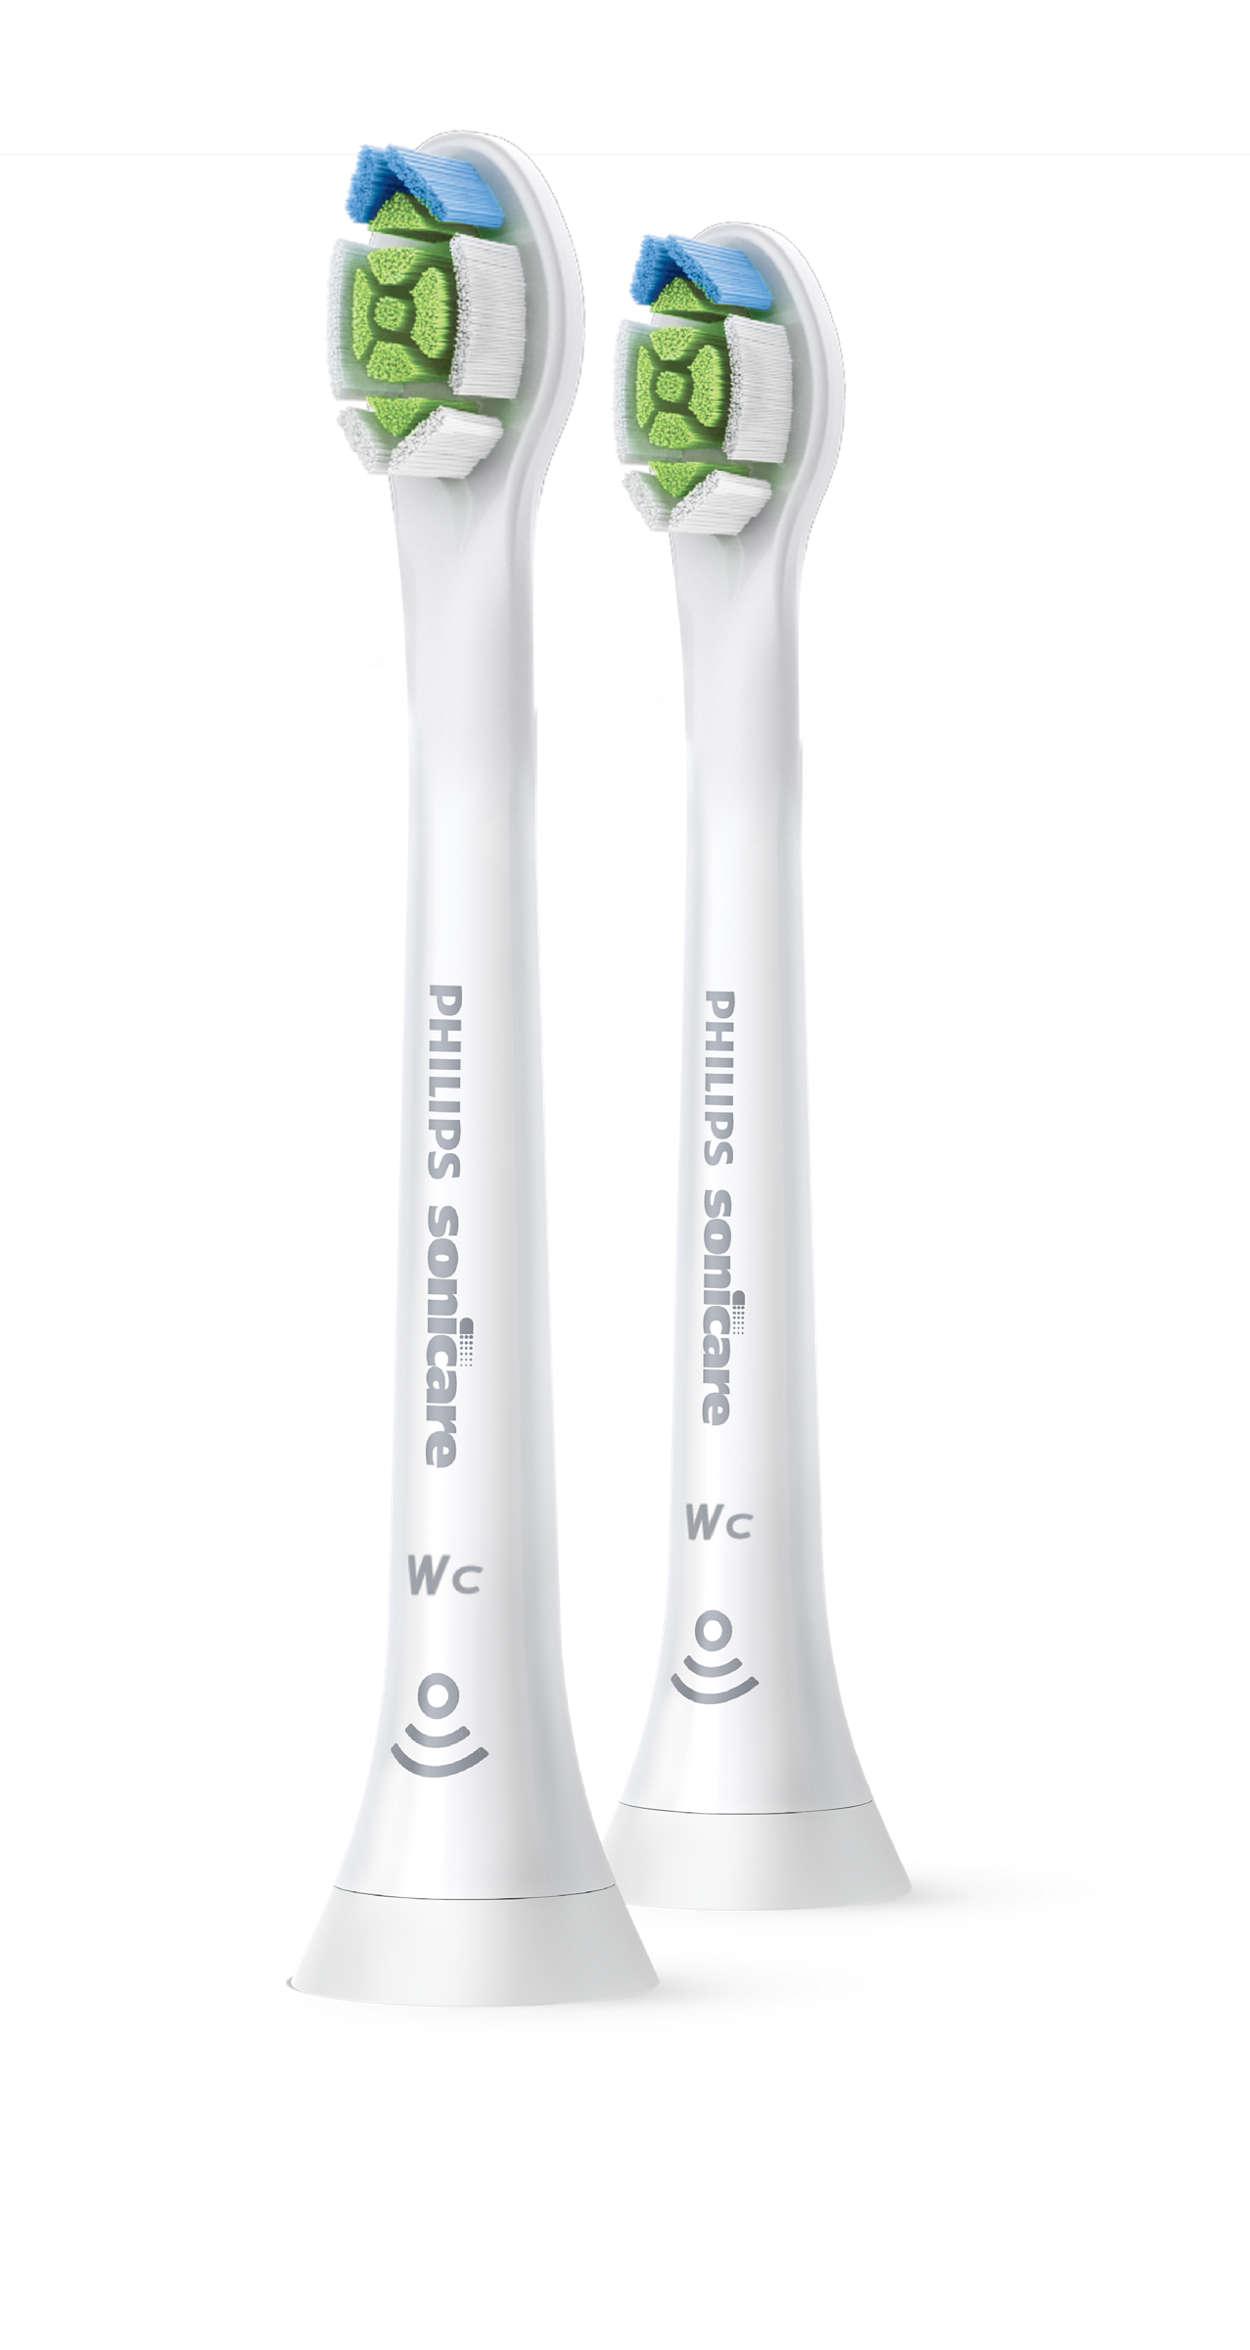 Denti più bianchi fino al 100% in appena una settimana*